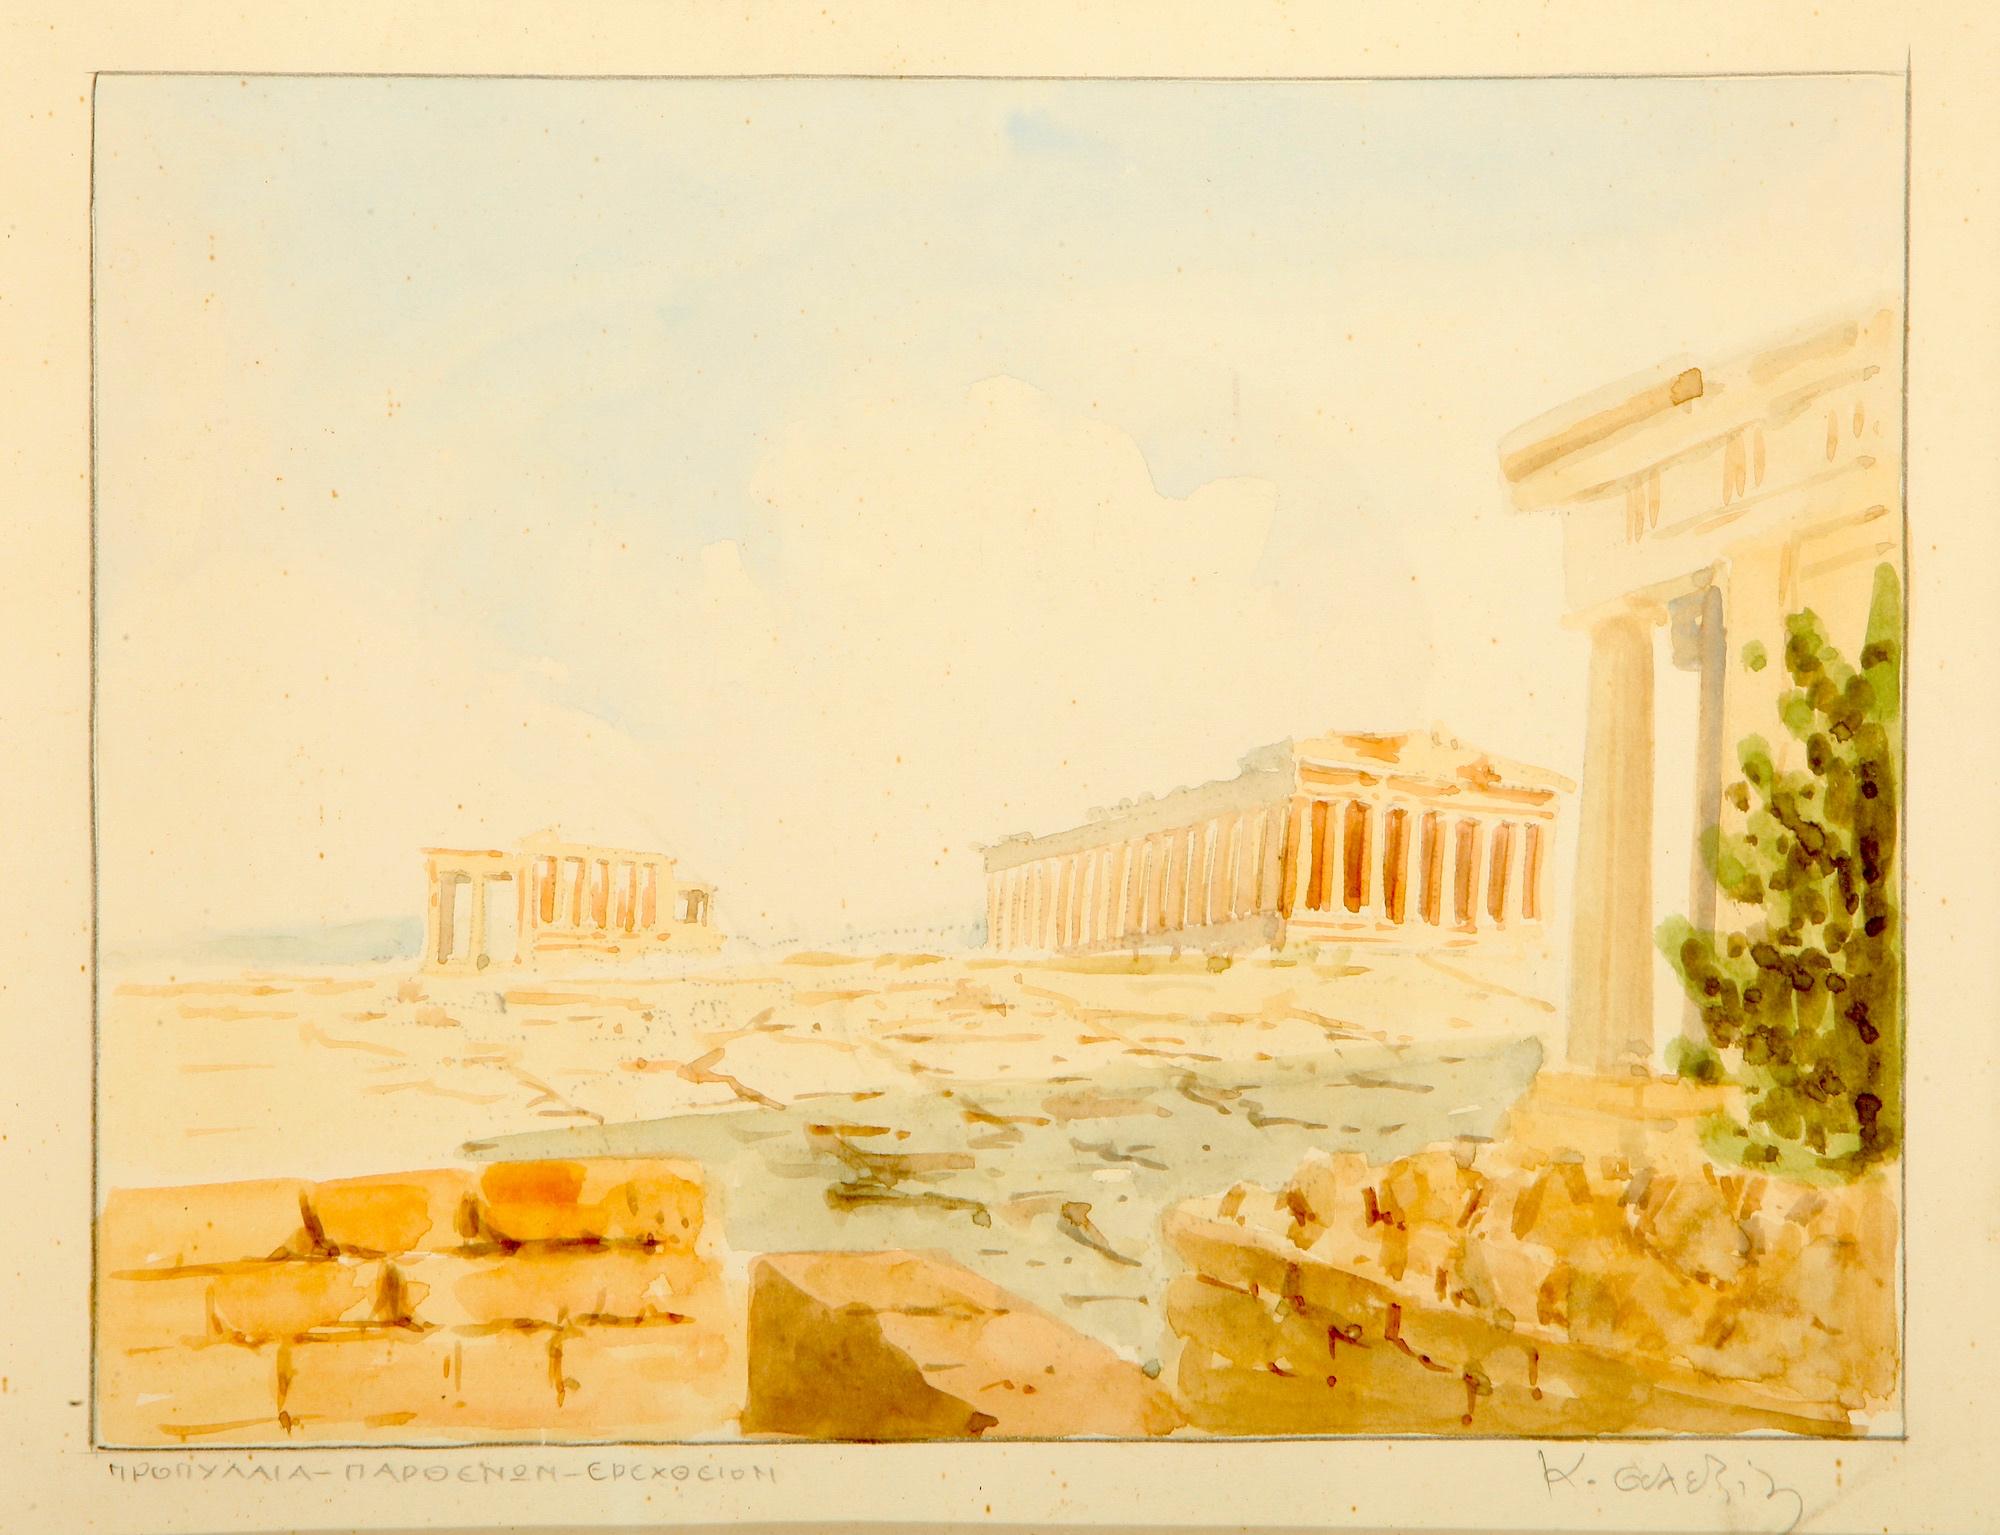 Costas Alexiou | Propylaea, Parthenon, Erechtheion